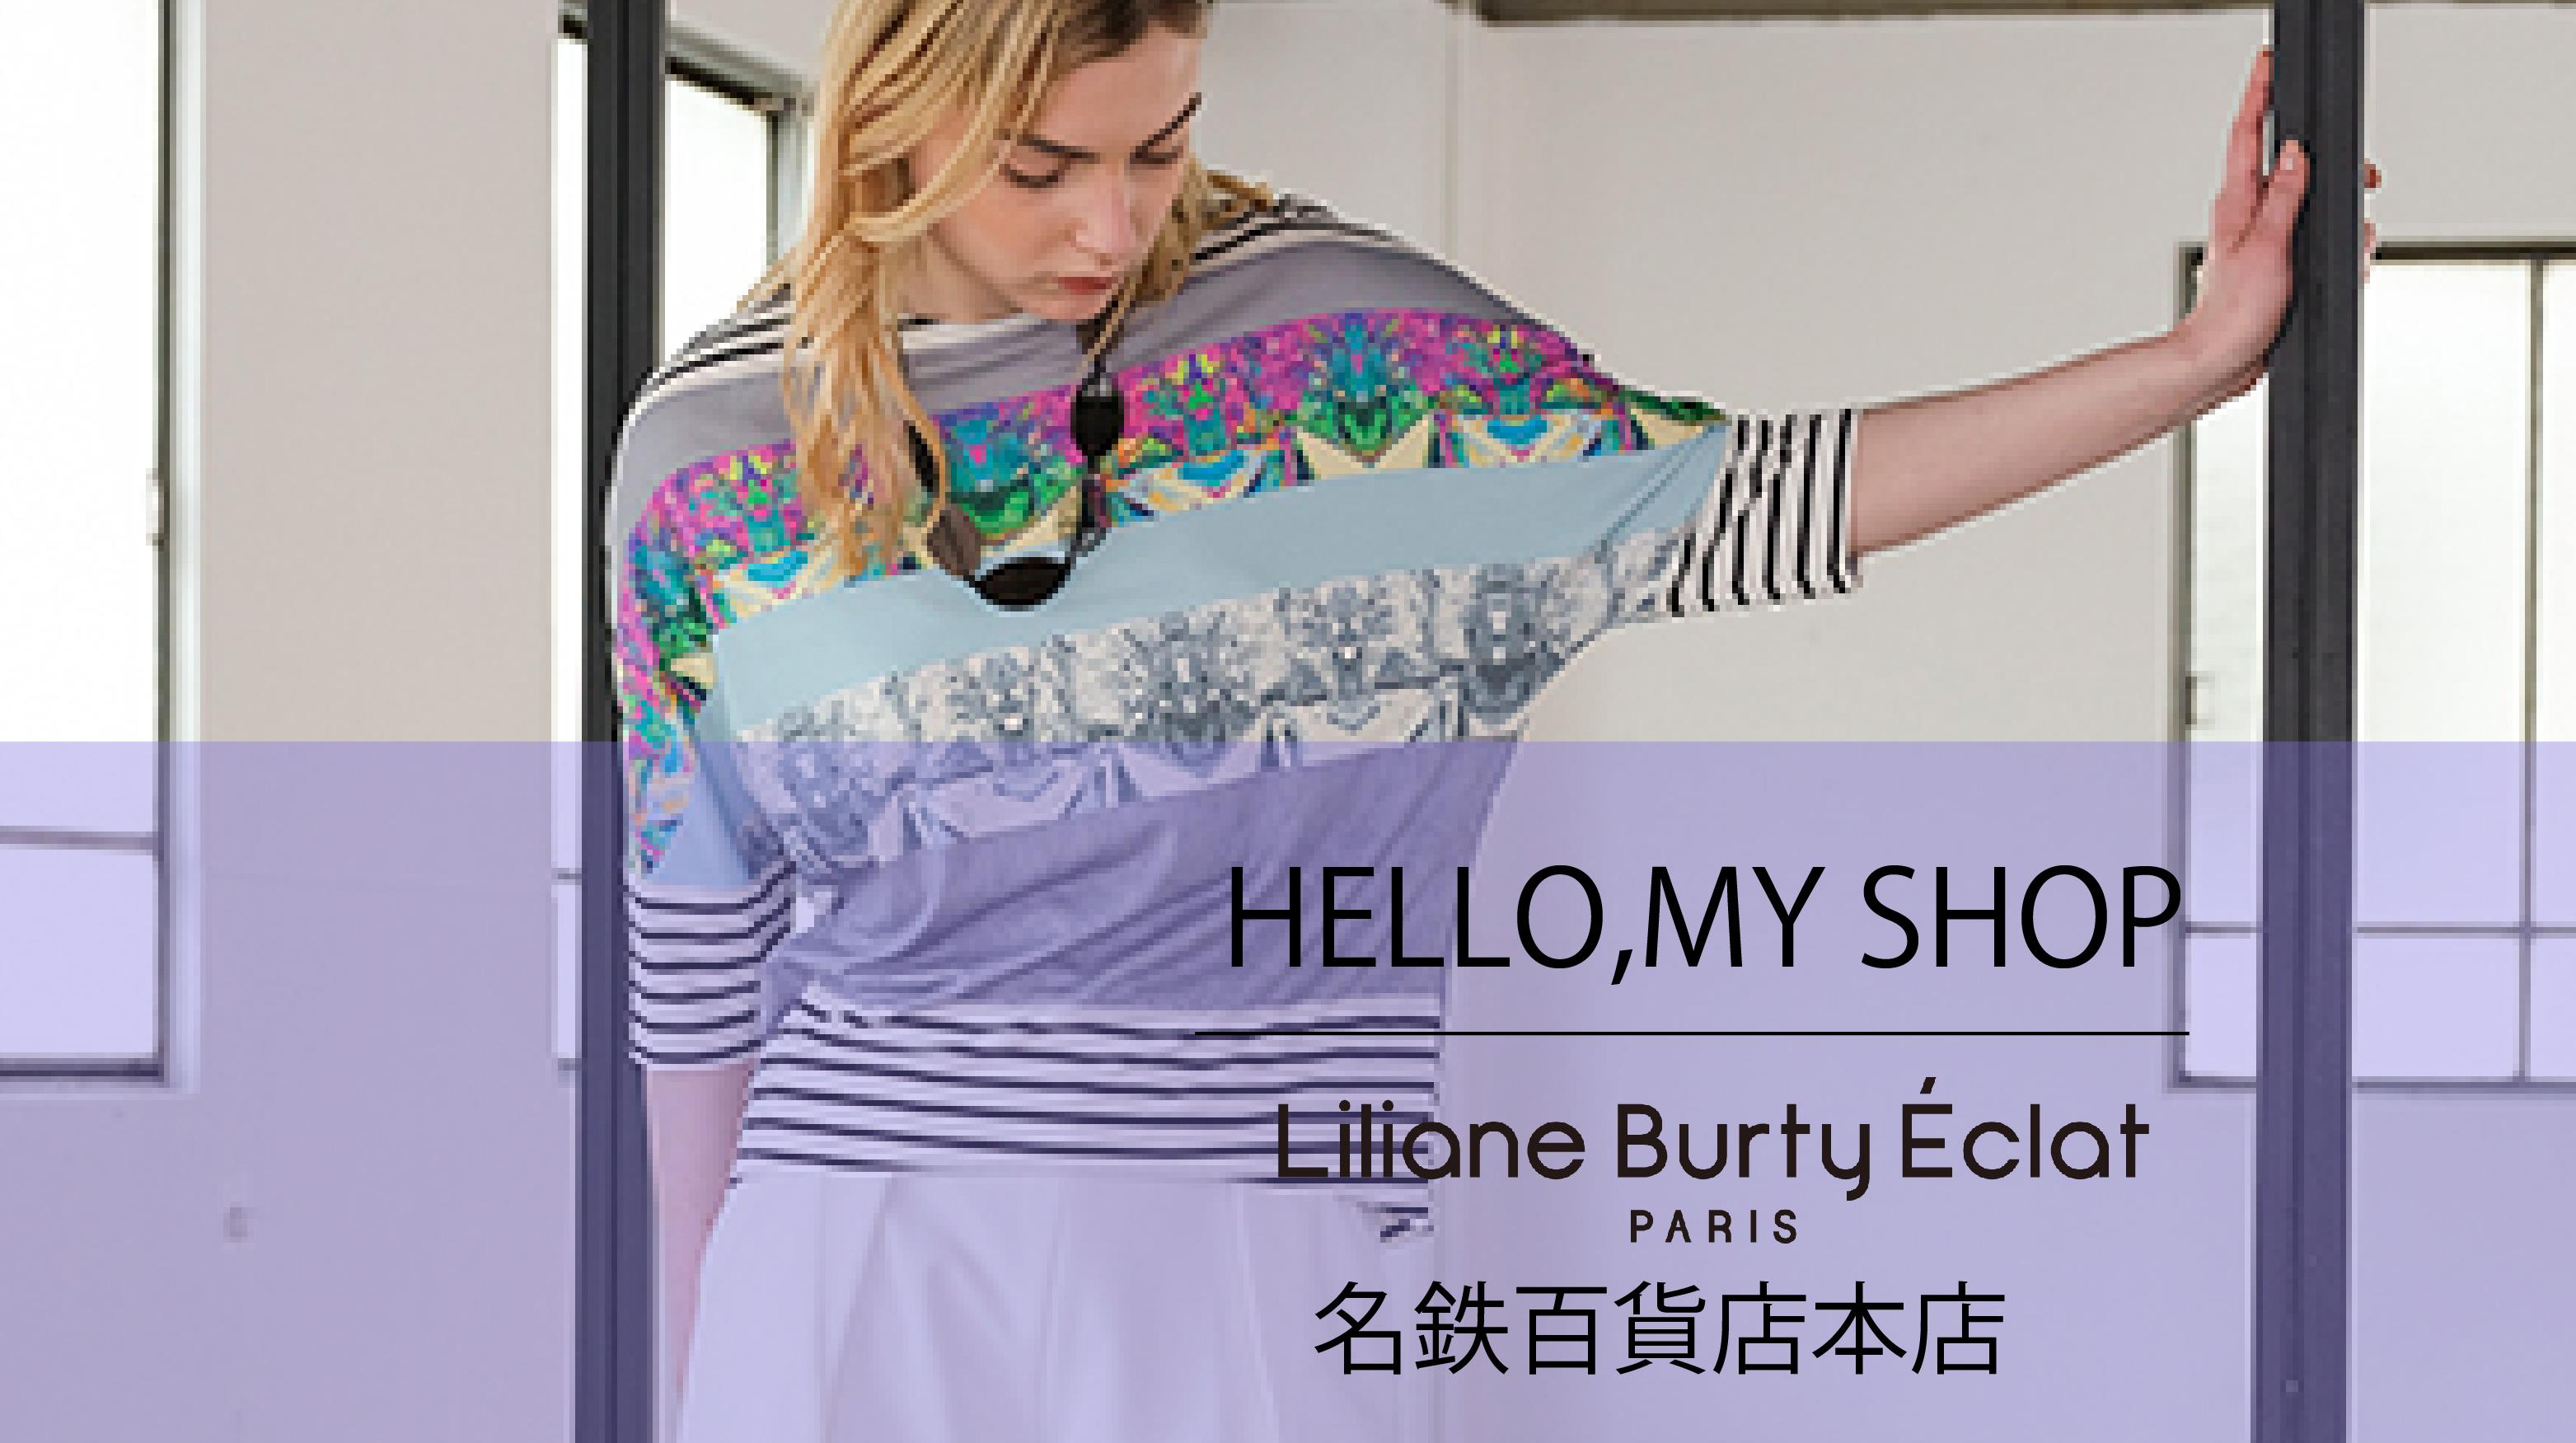 【リリアンビューティエクラ】HELLO,MY SHOP ≪名鉄百貨店本店≫